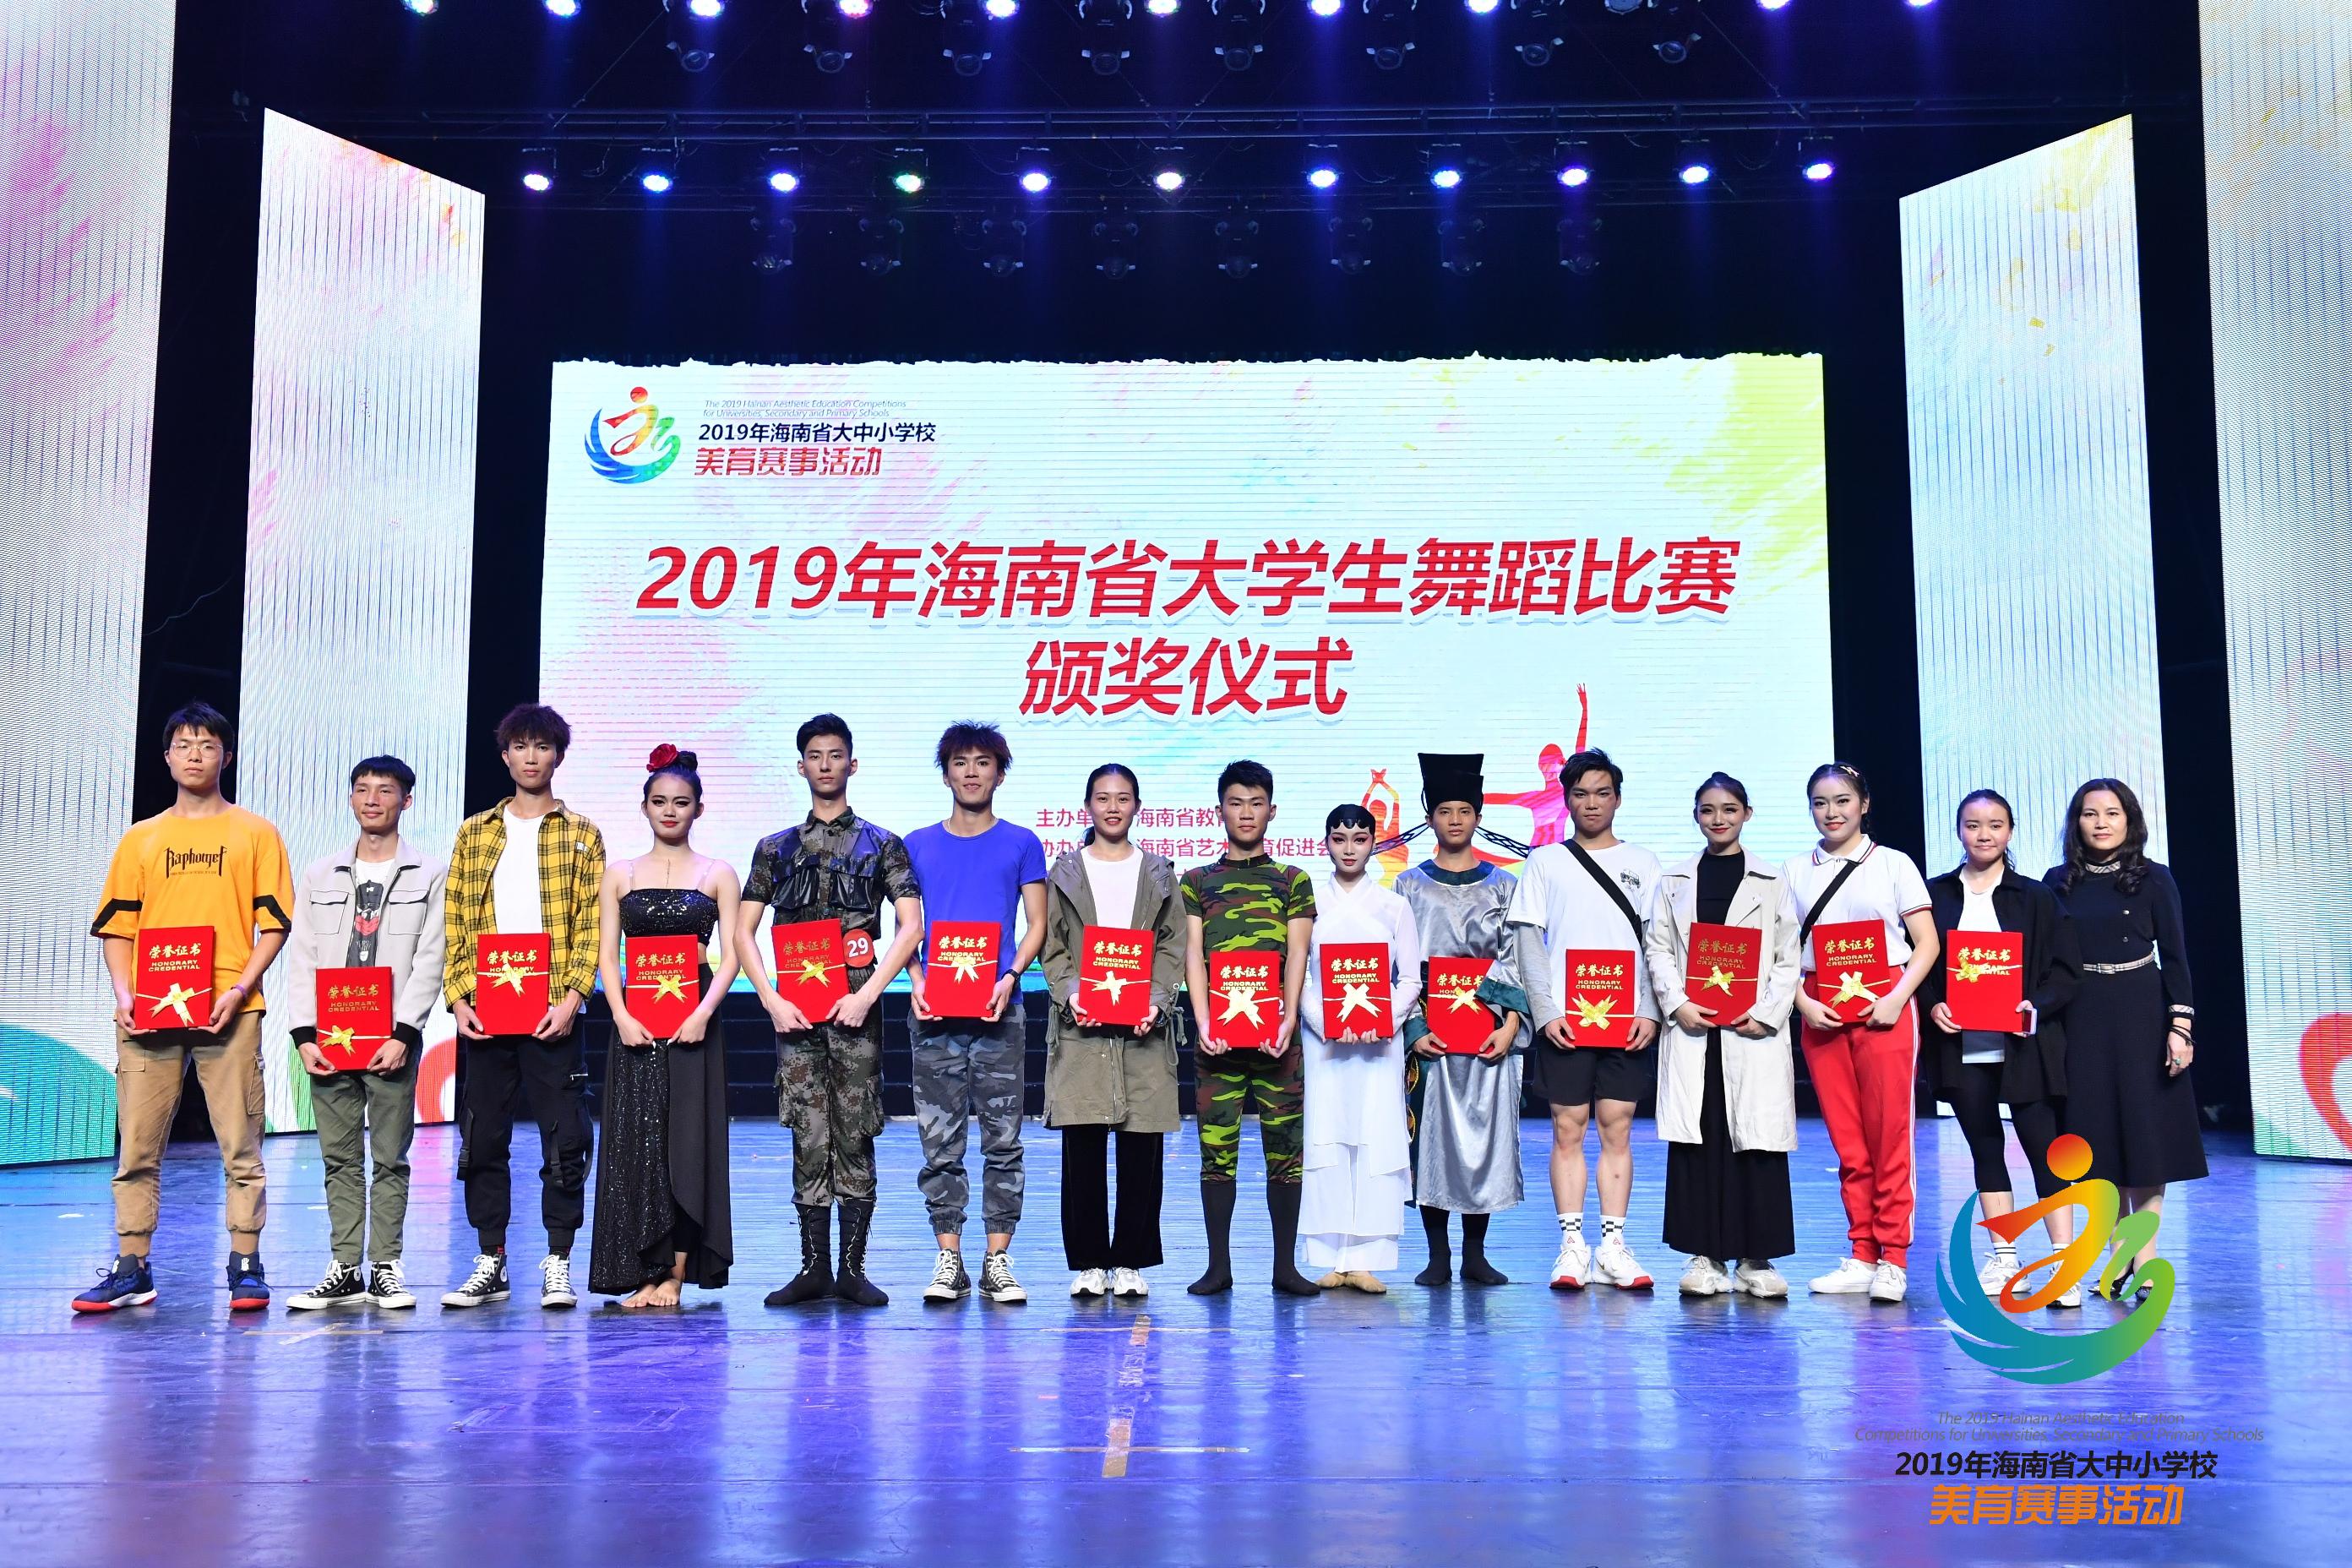 学院动态 旅游艺术学院舞蹈专业在全省大学生舞蹈比赛中斩获佳绩